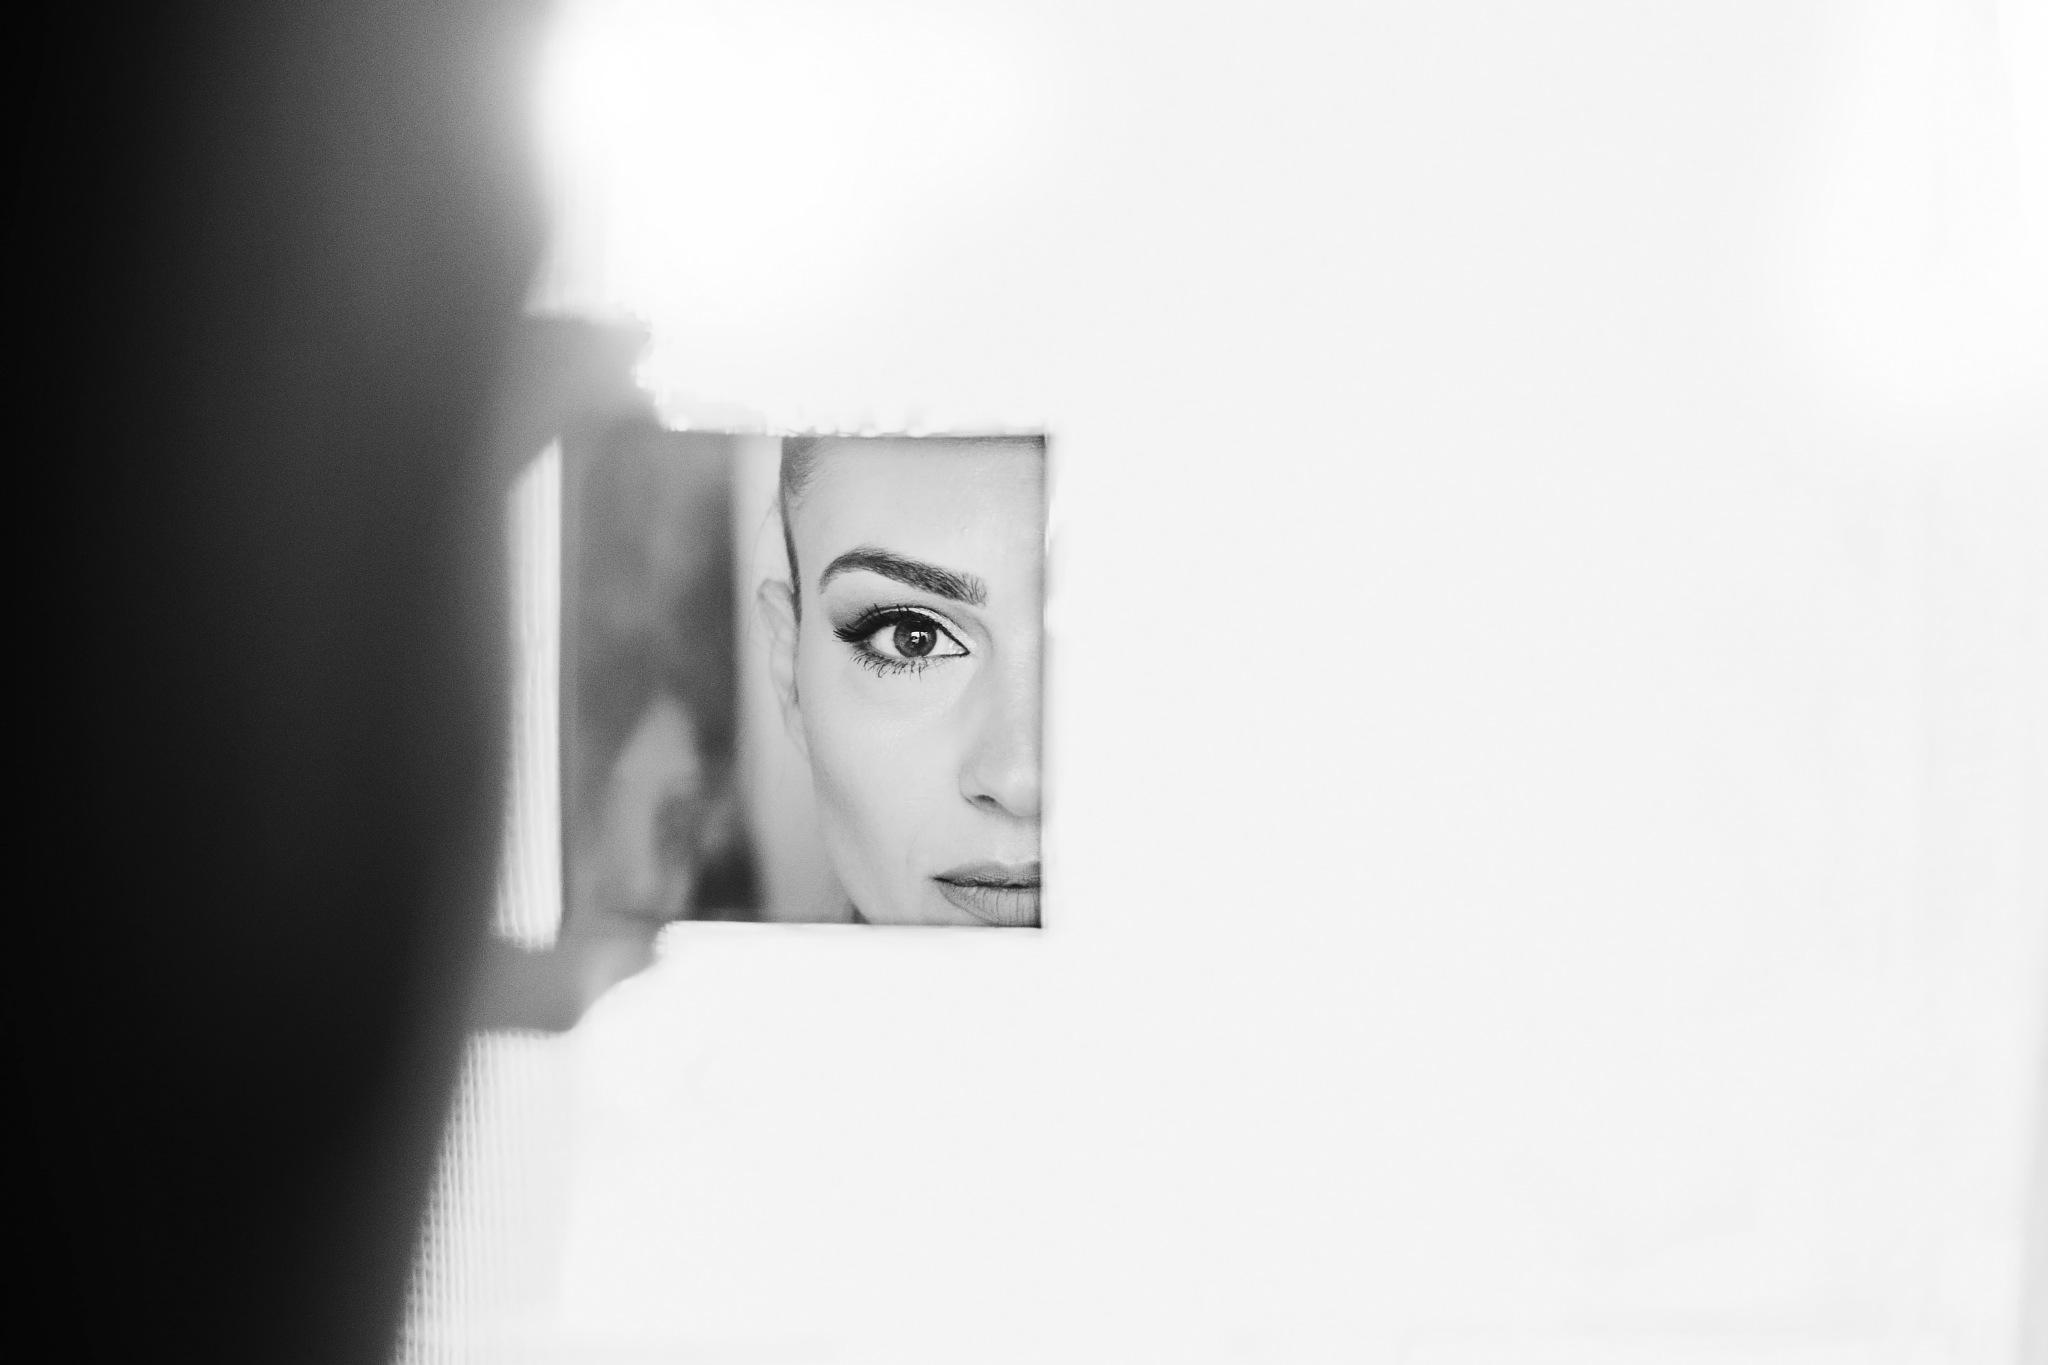 Eye reflection by arteditre